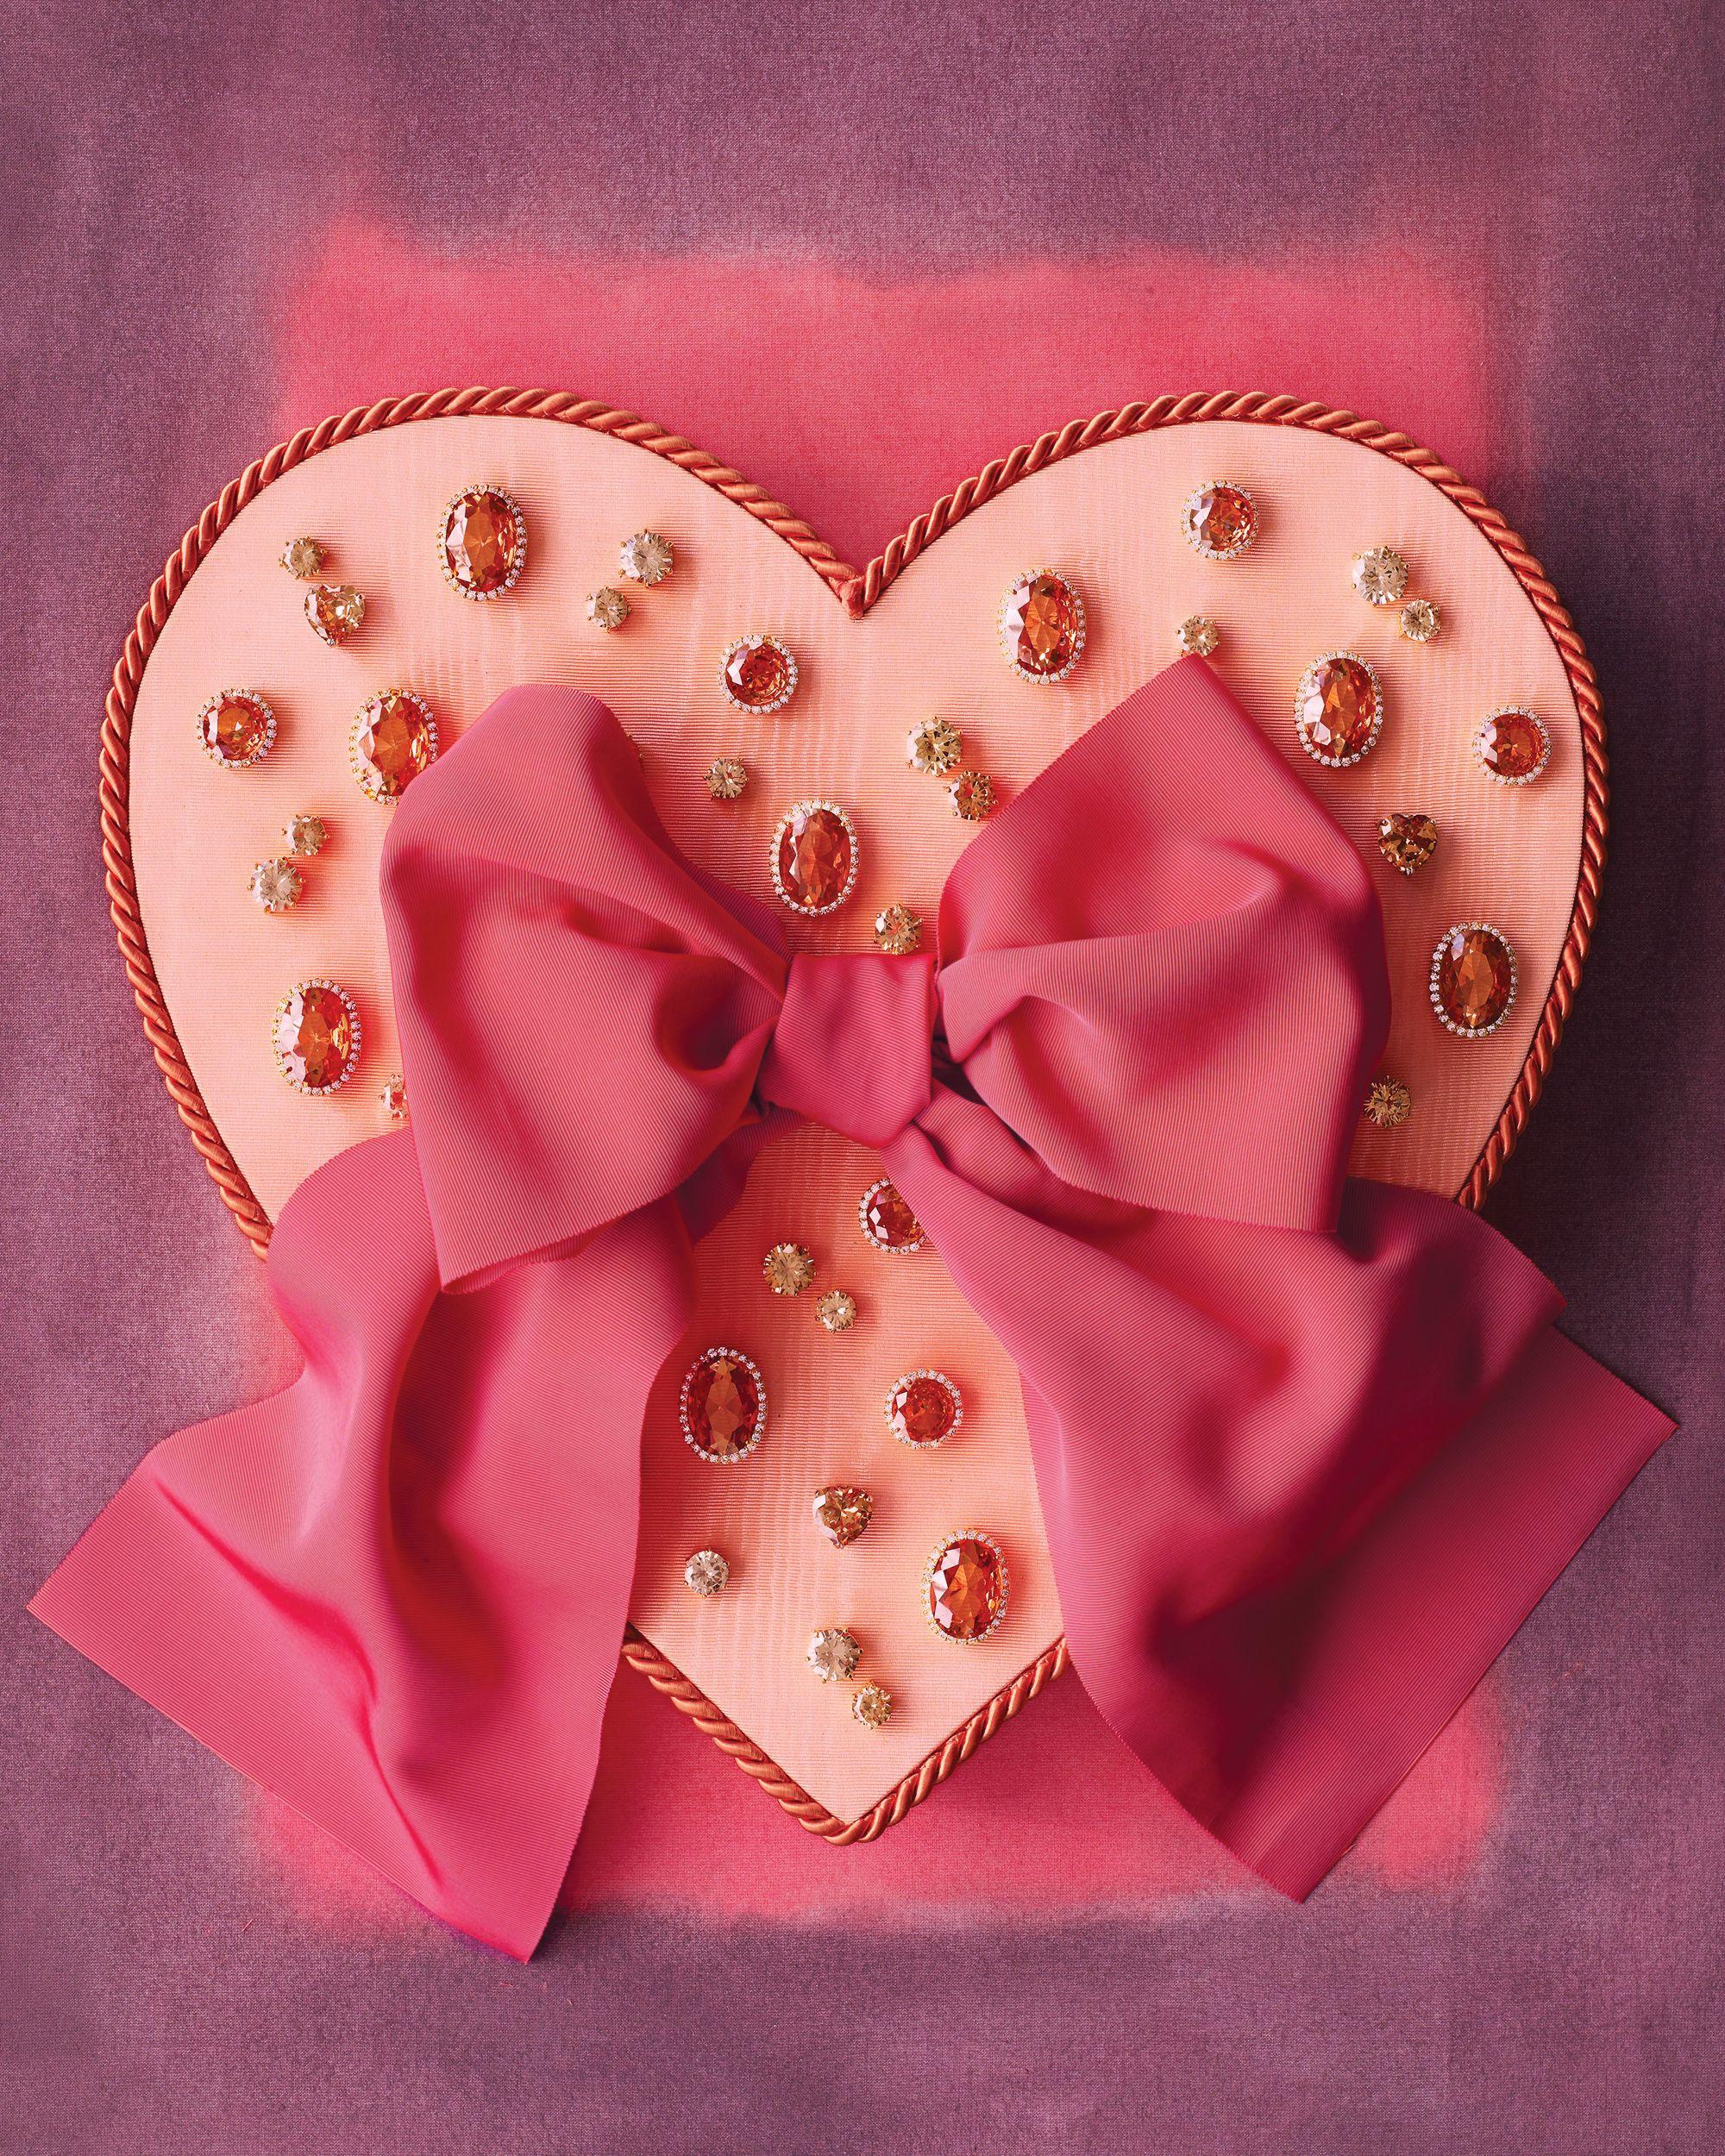 caja de joyas hecha a mano en forma de corazón, caja color rosado con moño grande, regalos san valentin manualidades ideas